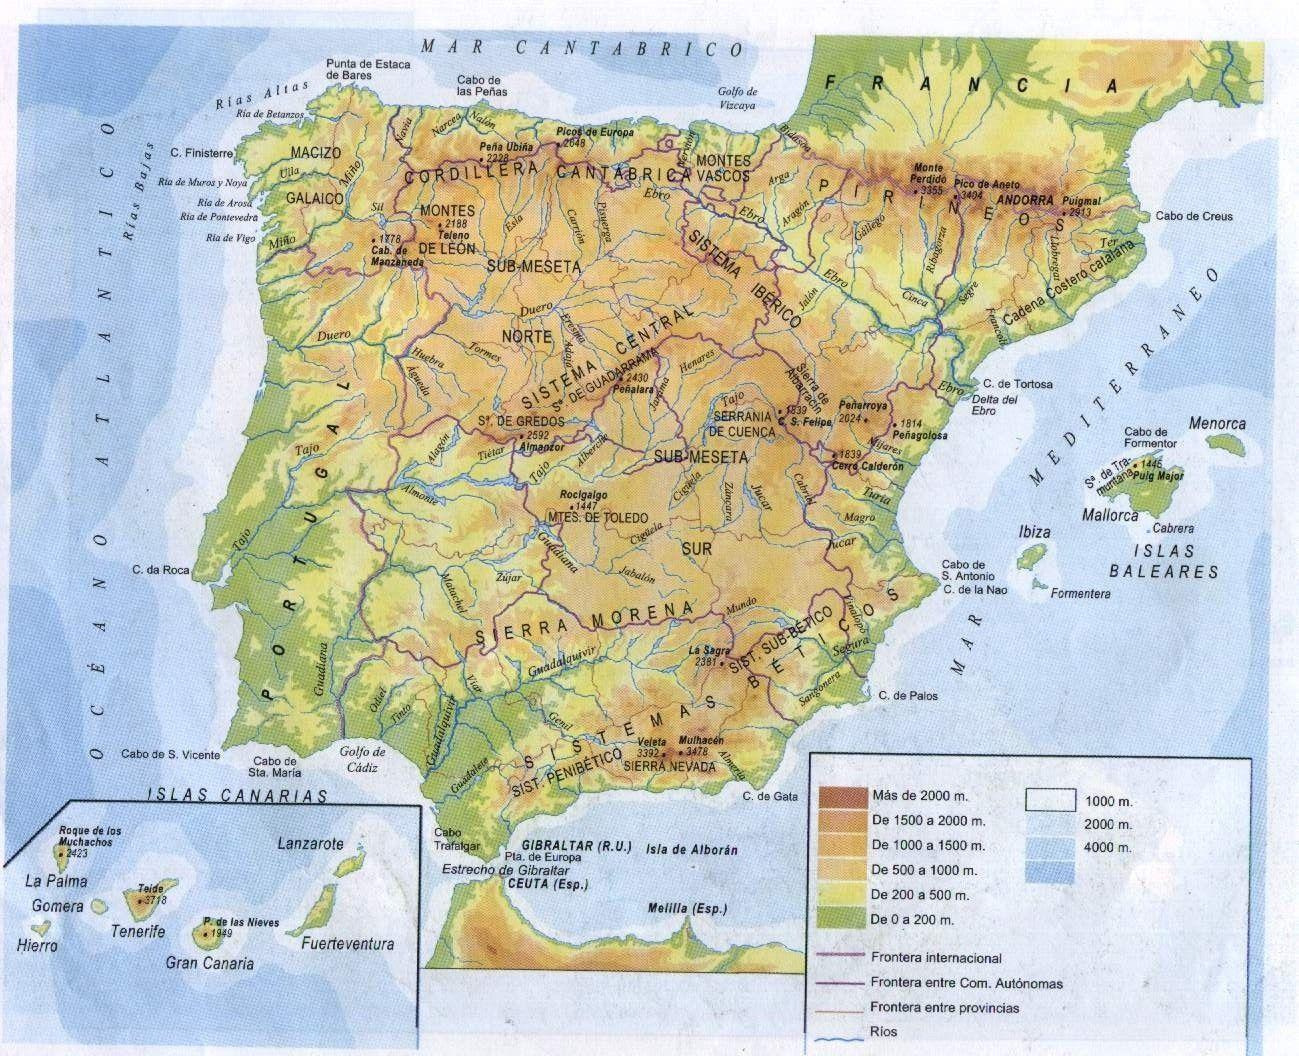 Mapa Fisico Peninsula Iberica Rios.Peninsula Iberica Mapa Fisico Mapa Fisico De Espana